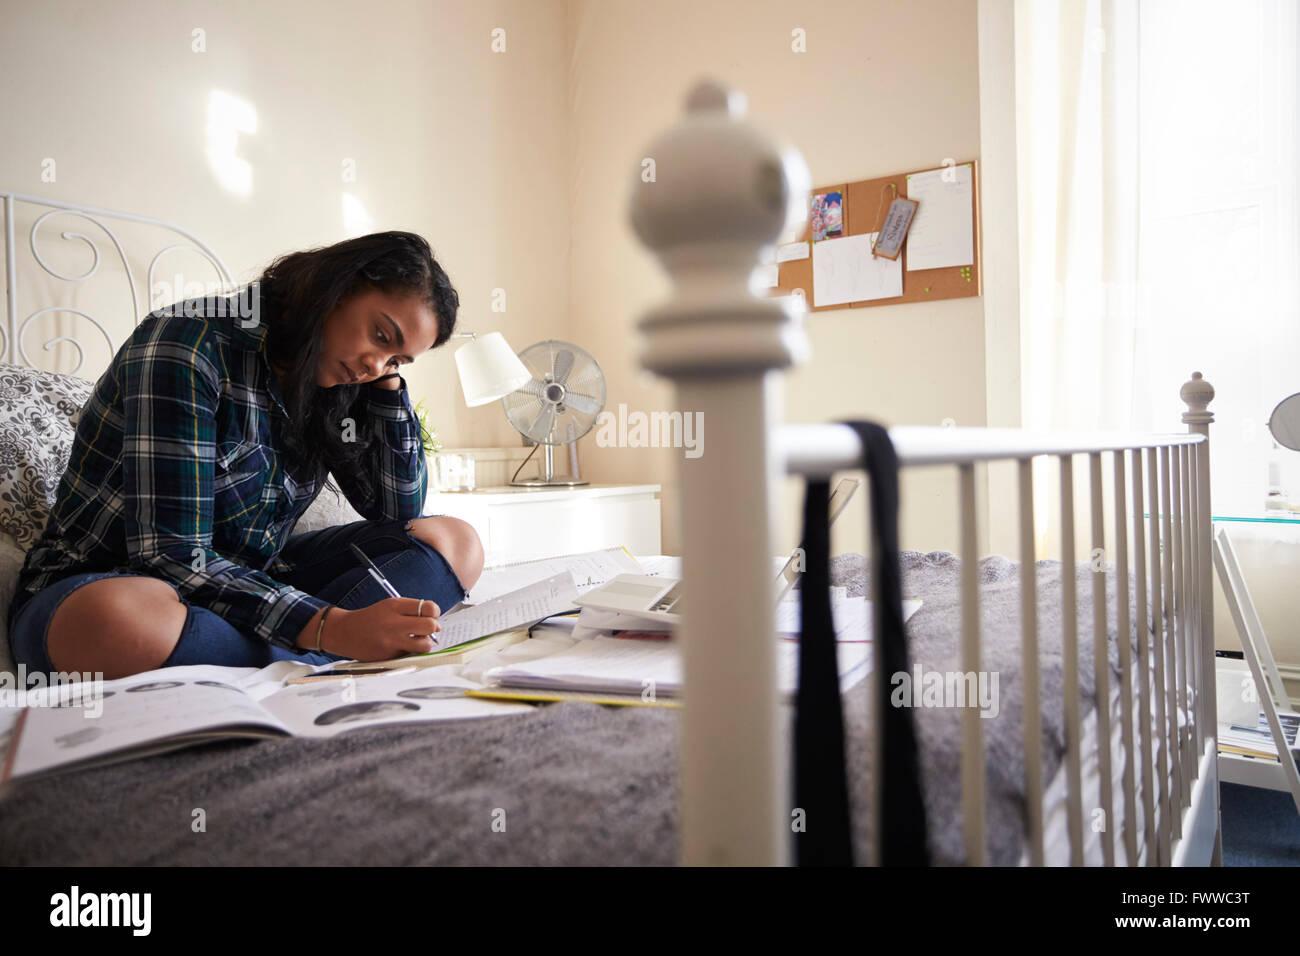 Studentessa lavorando su studi in camera da letto Immagini Stock